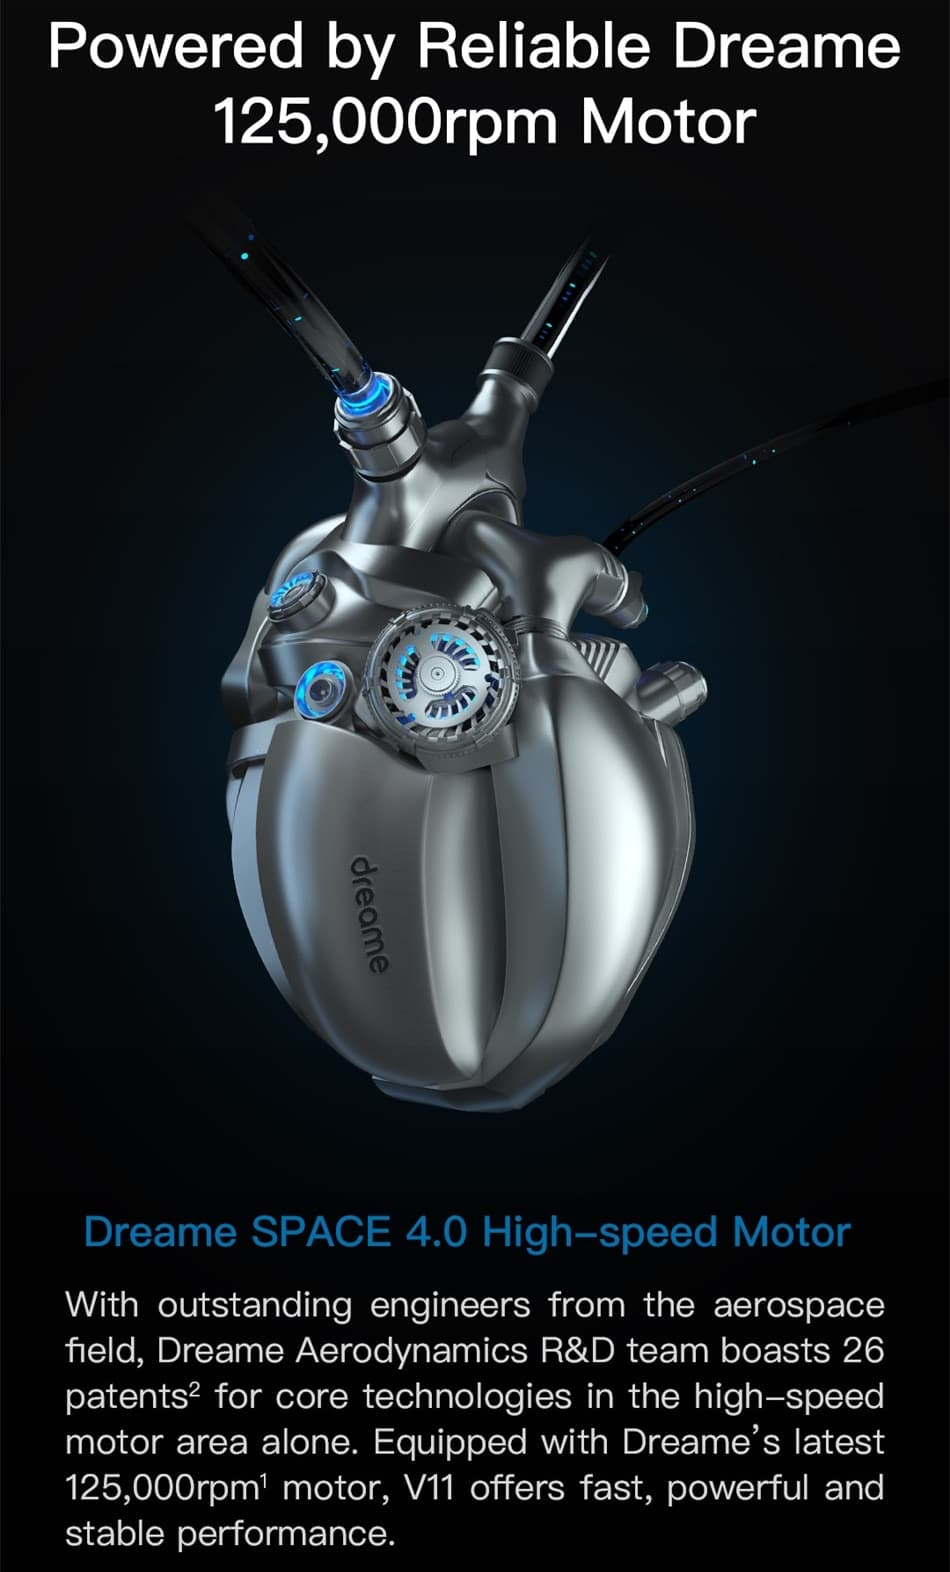 DreameV11